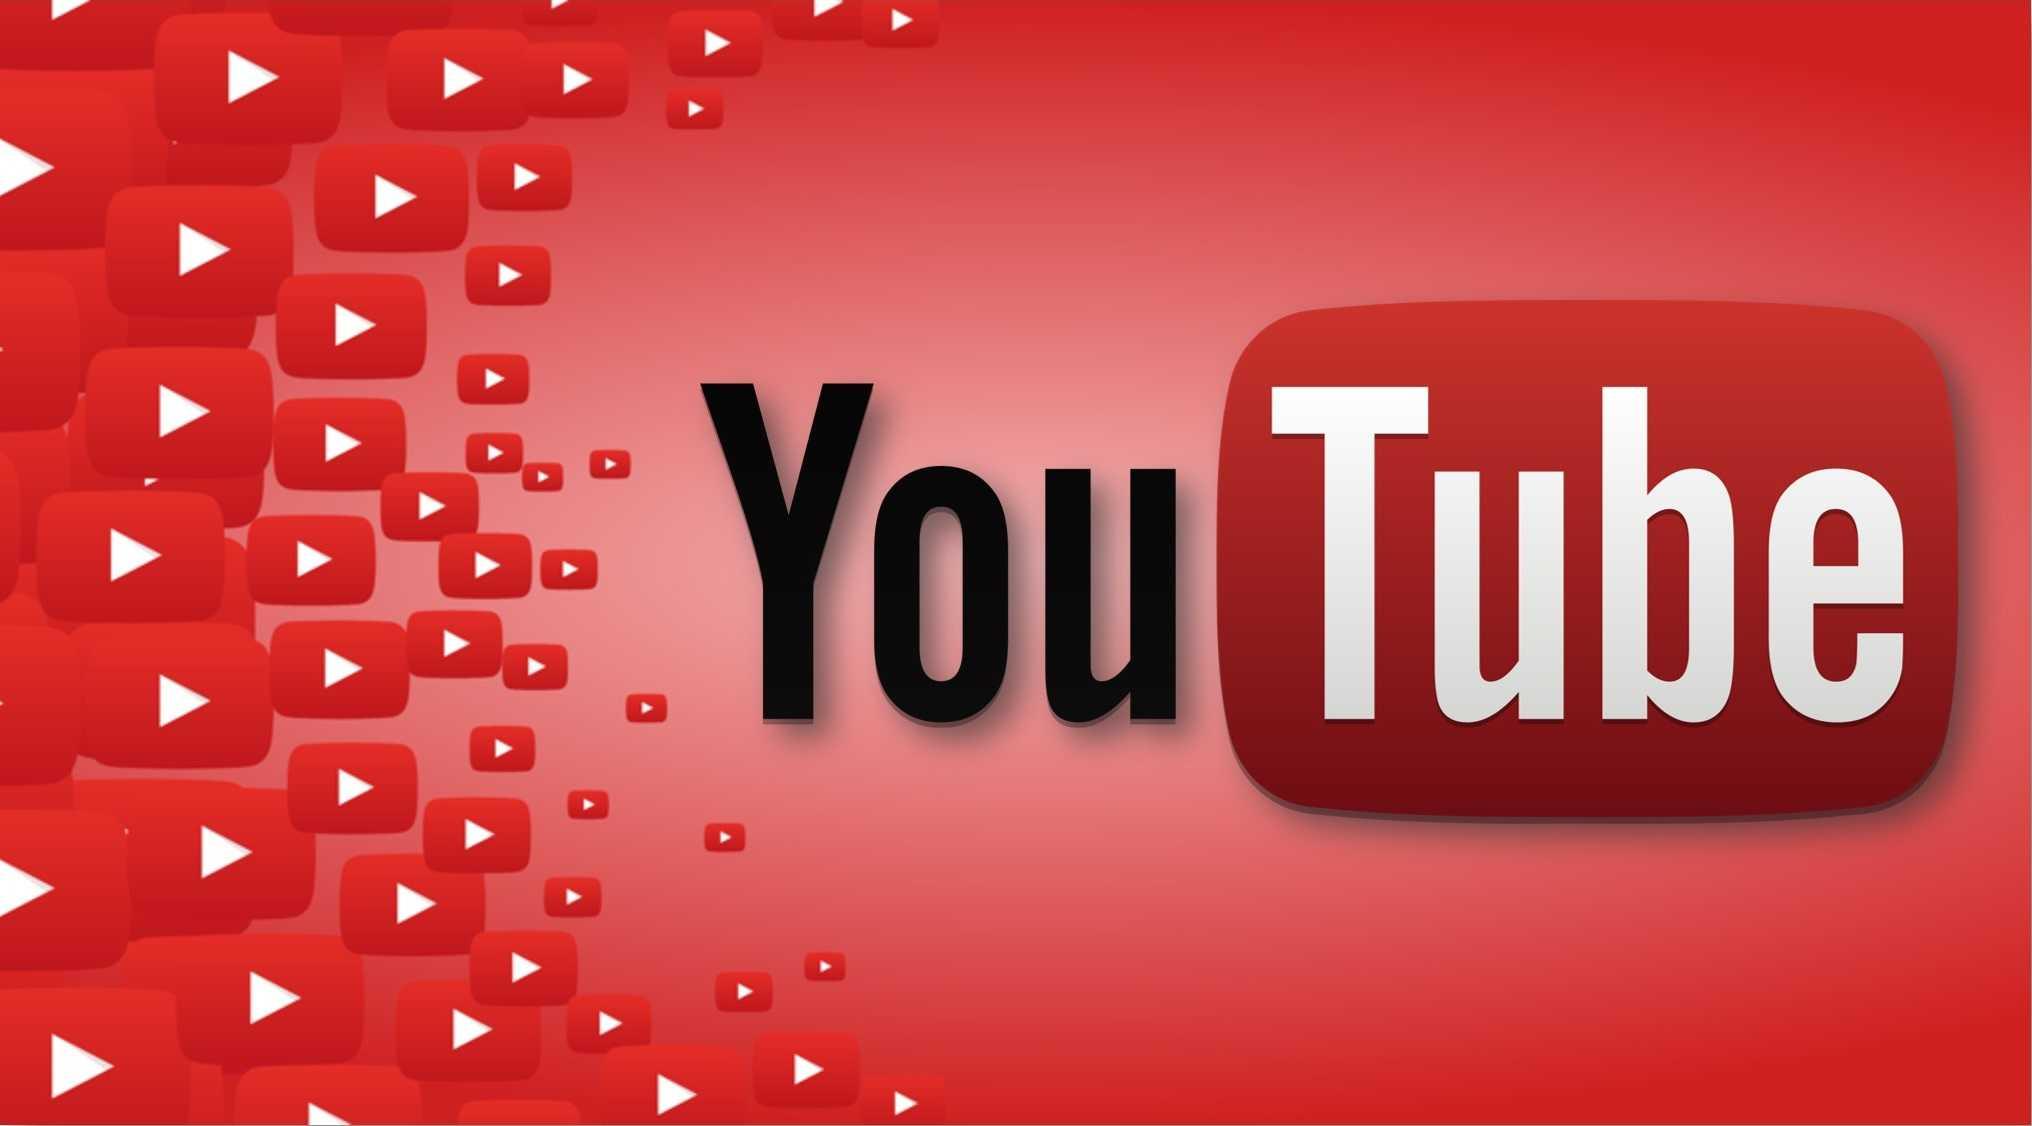 صورة كيفية التحميل من اليوتيوب , طريقه تحميل من اليوتيوب